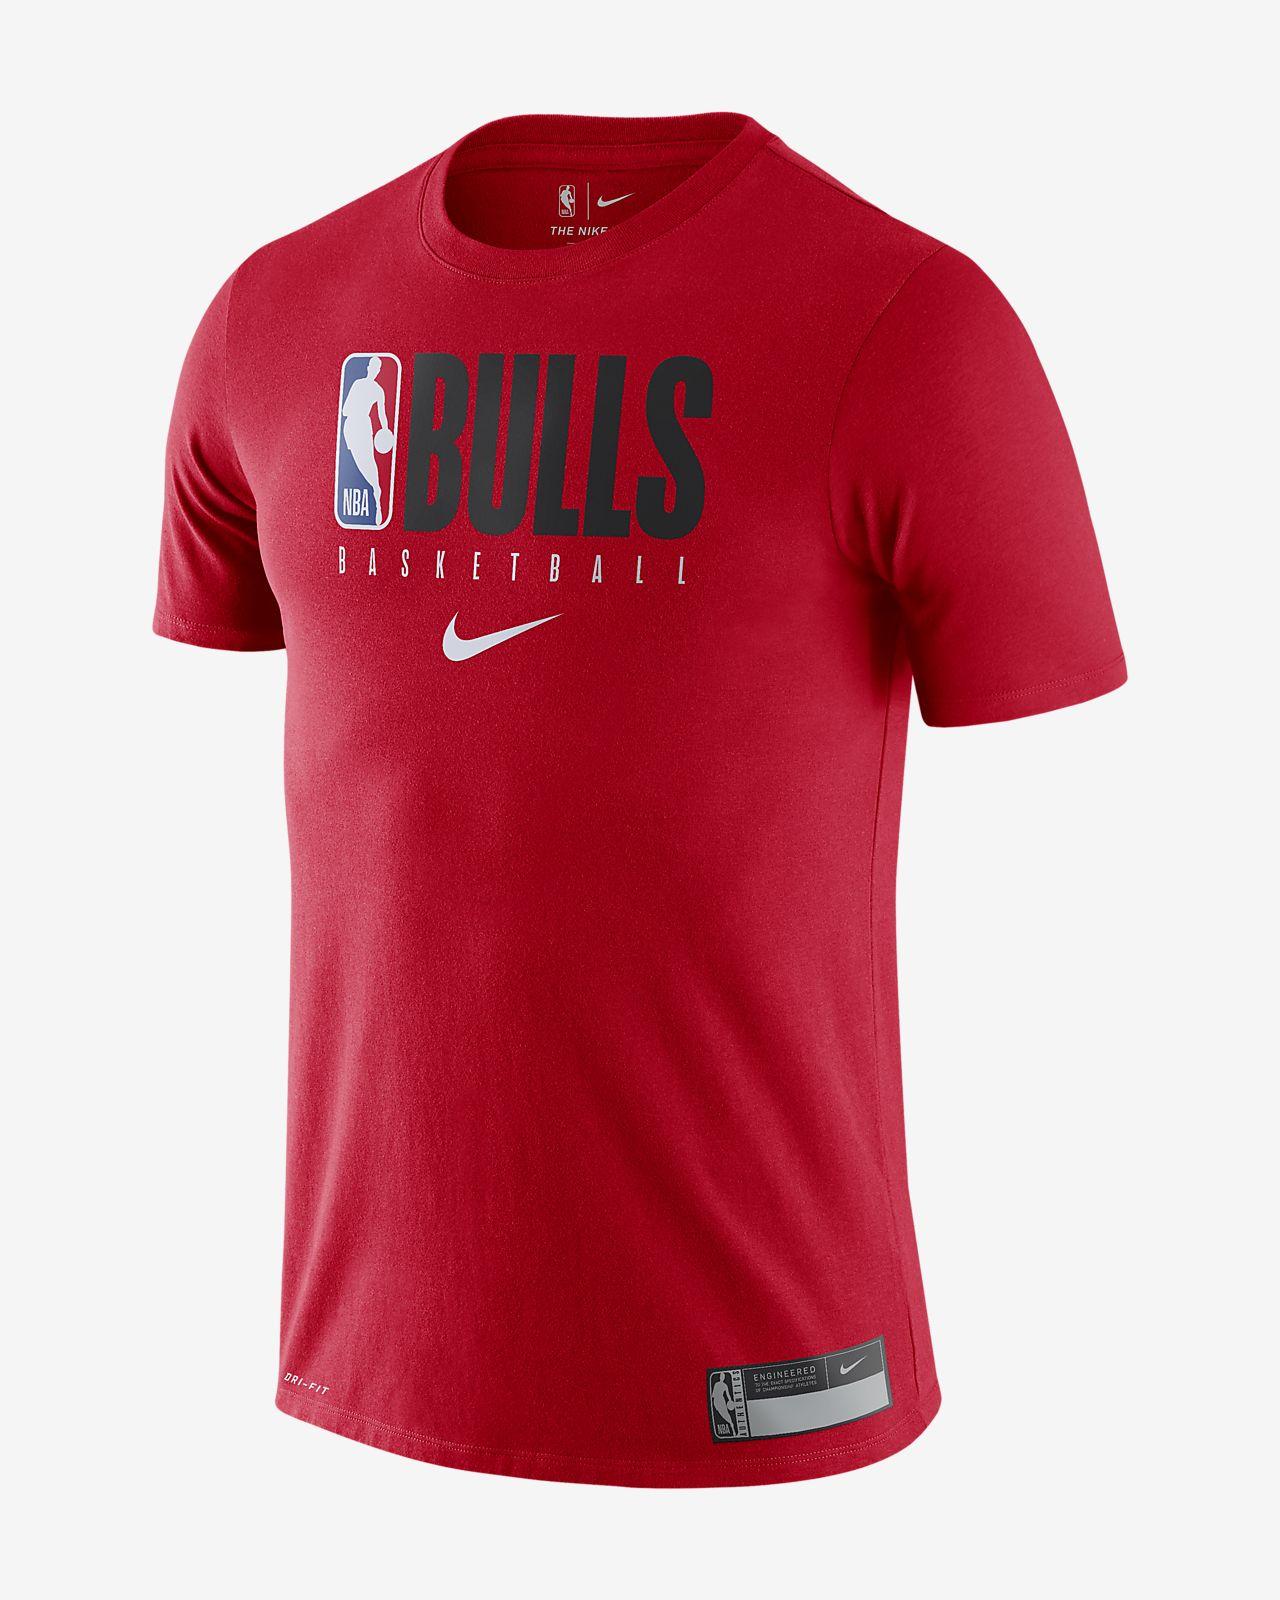 Playera de la NBA para hombre Chicago Bulls Nike